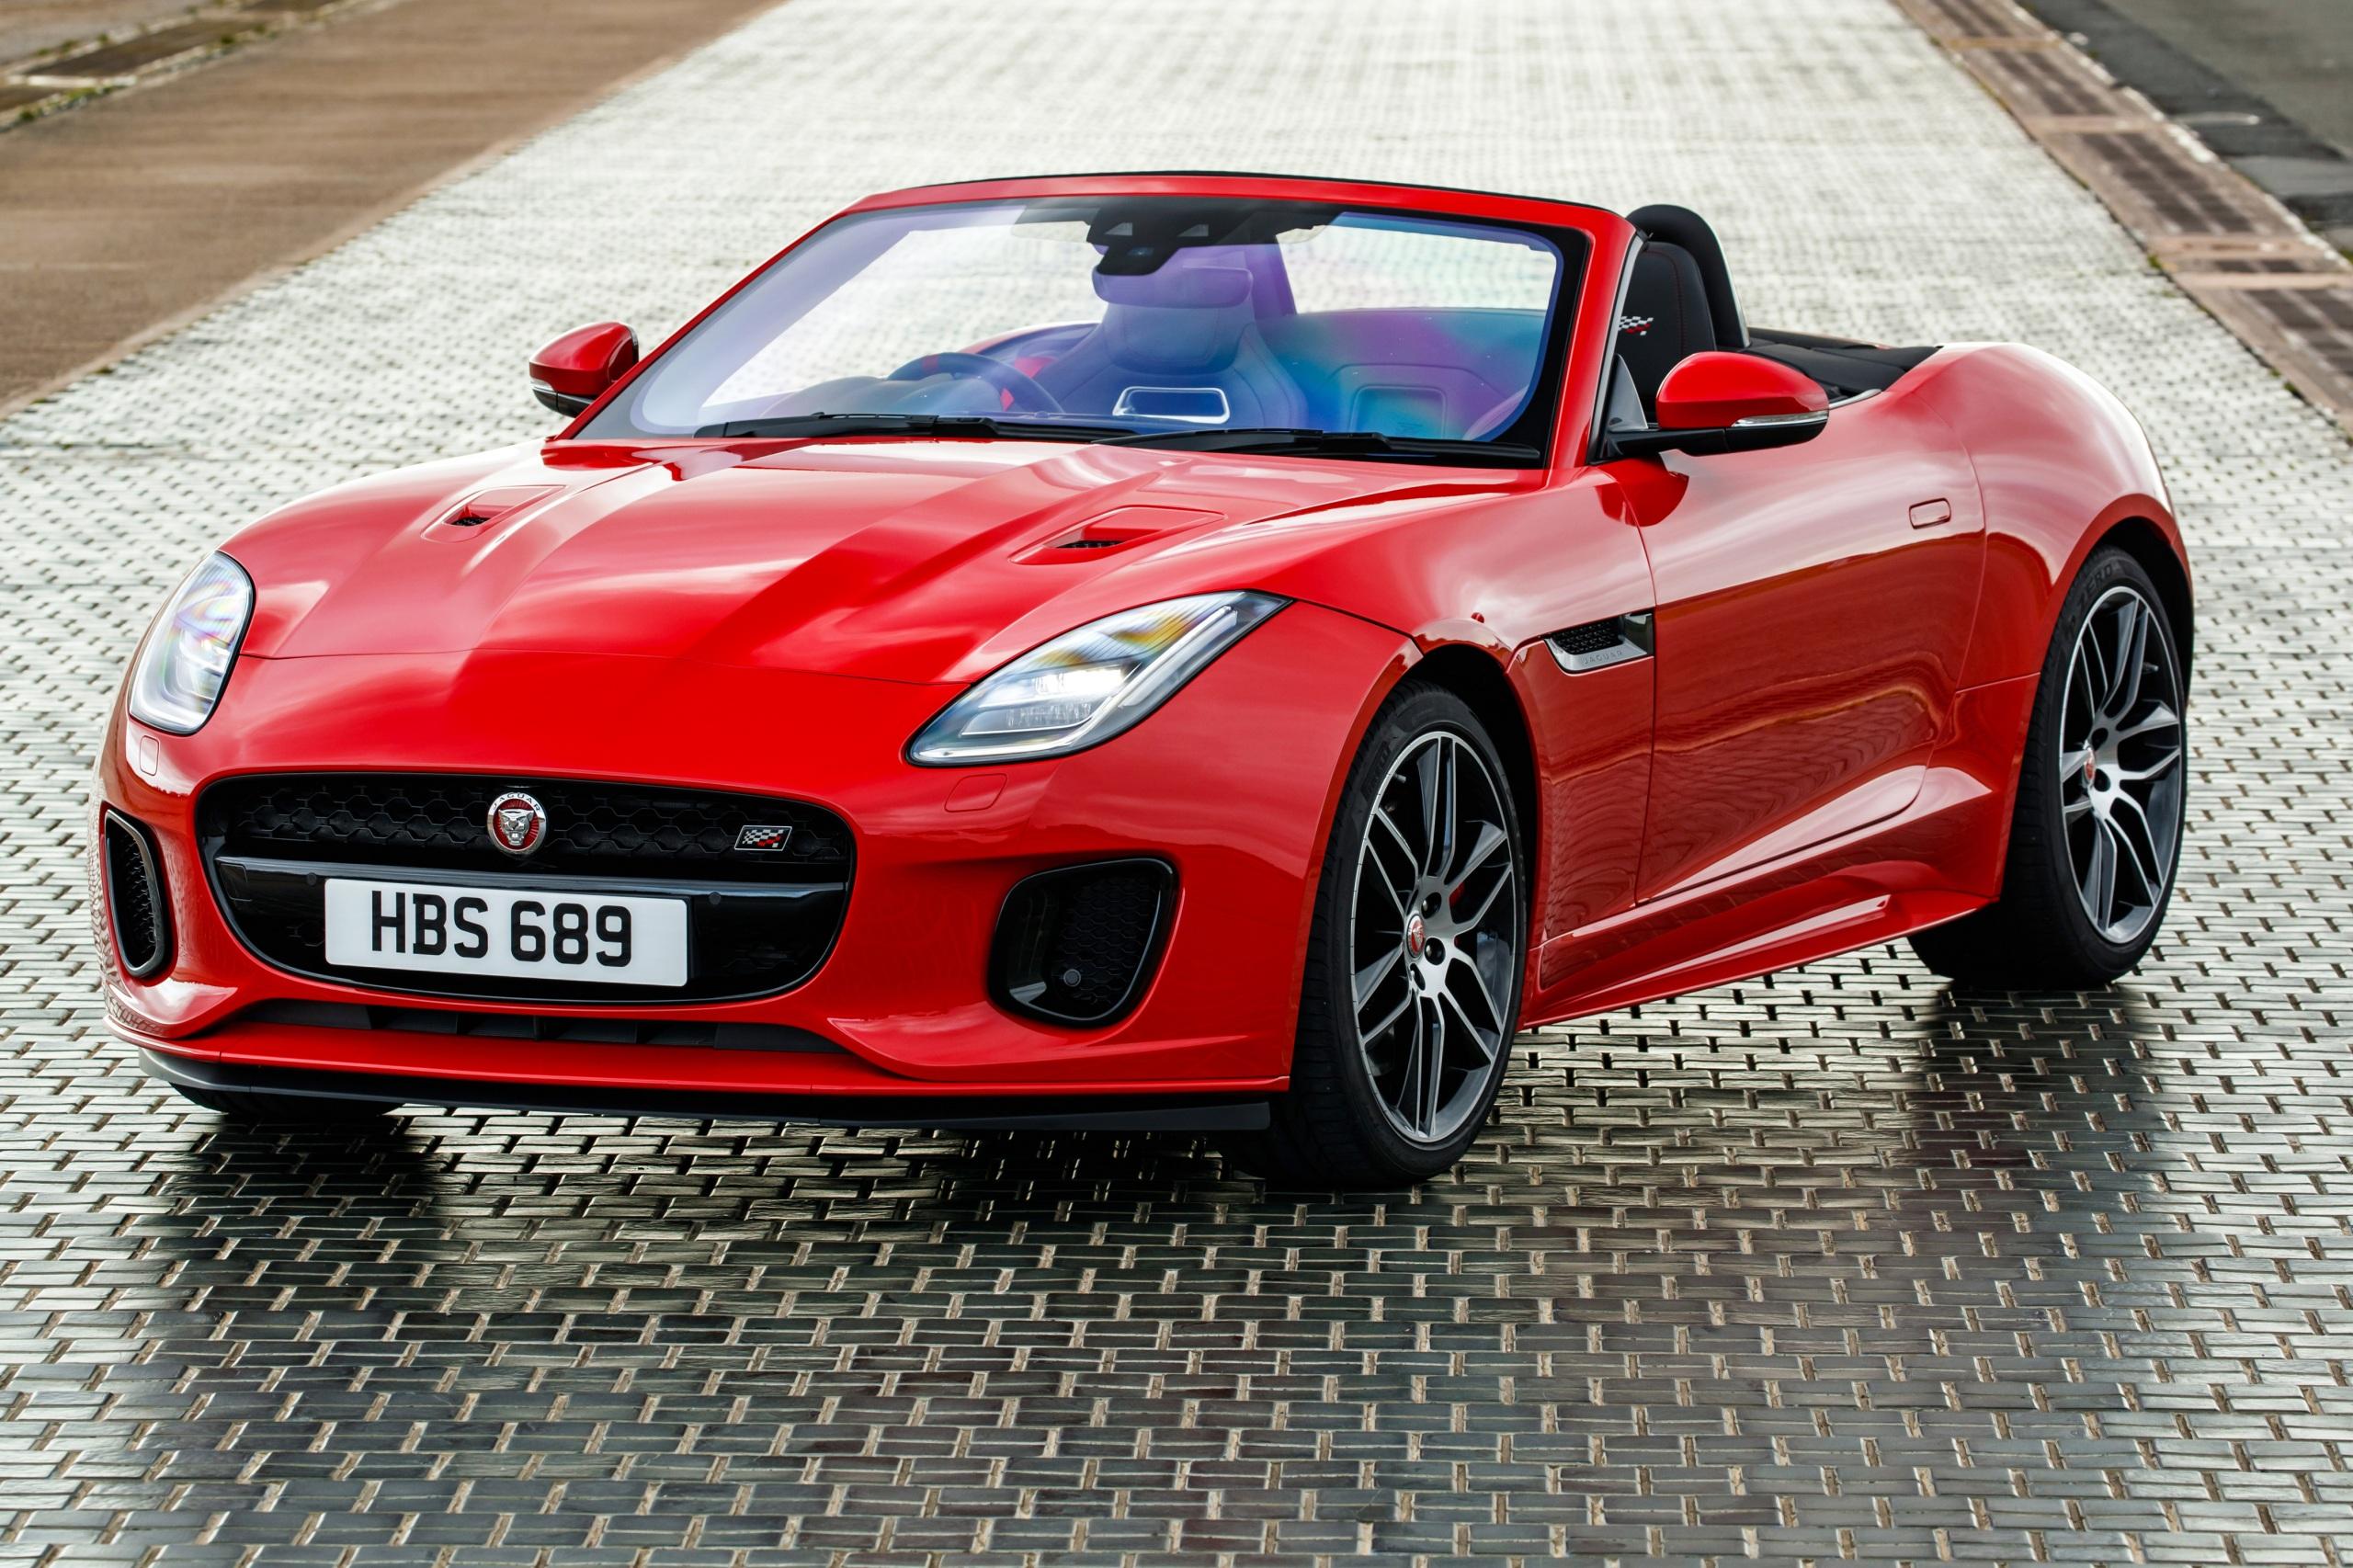 Обои Ягуар 2018-19 F-Type  Chequered Flag  Convertible Кабриолет красные машины Металлик 2560x1706 Jaguar кабриолета красных Красный красная авто машина автомобиль Автомобили